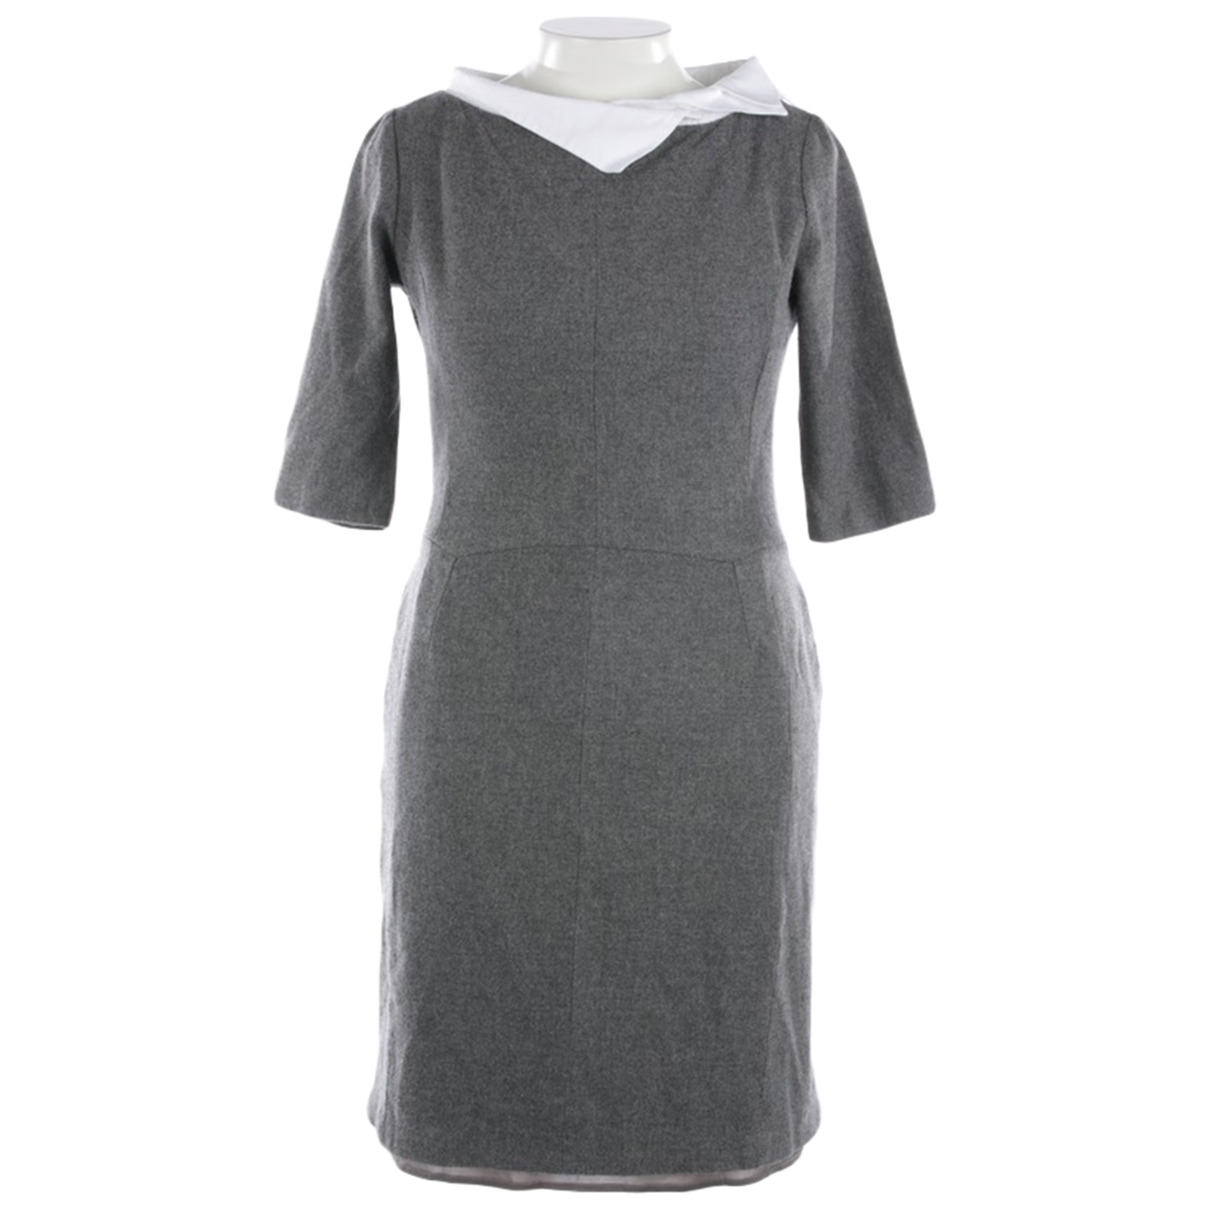 Vestido de Lana Antonio Berardi